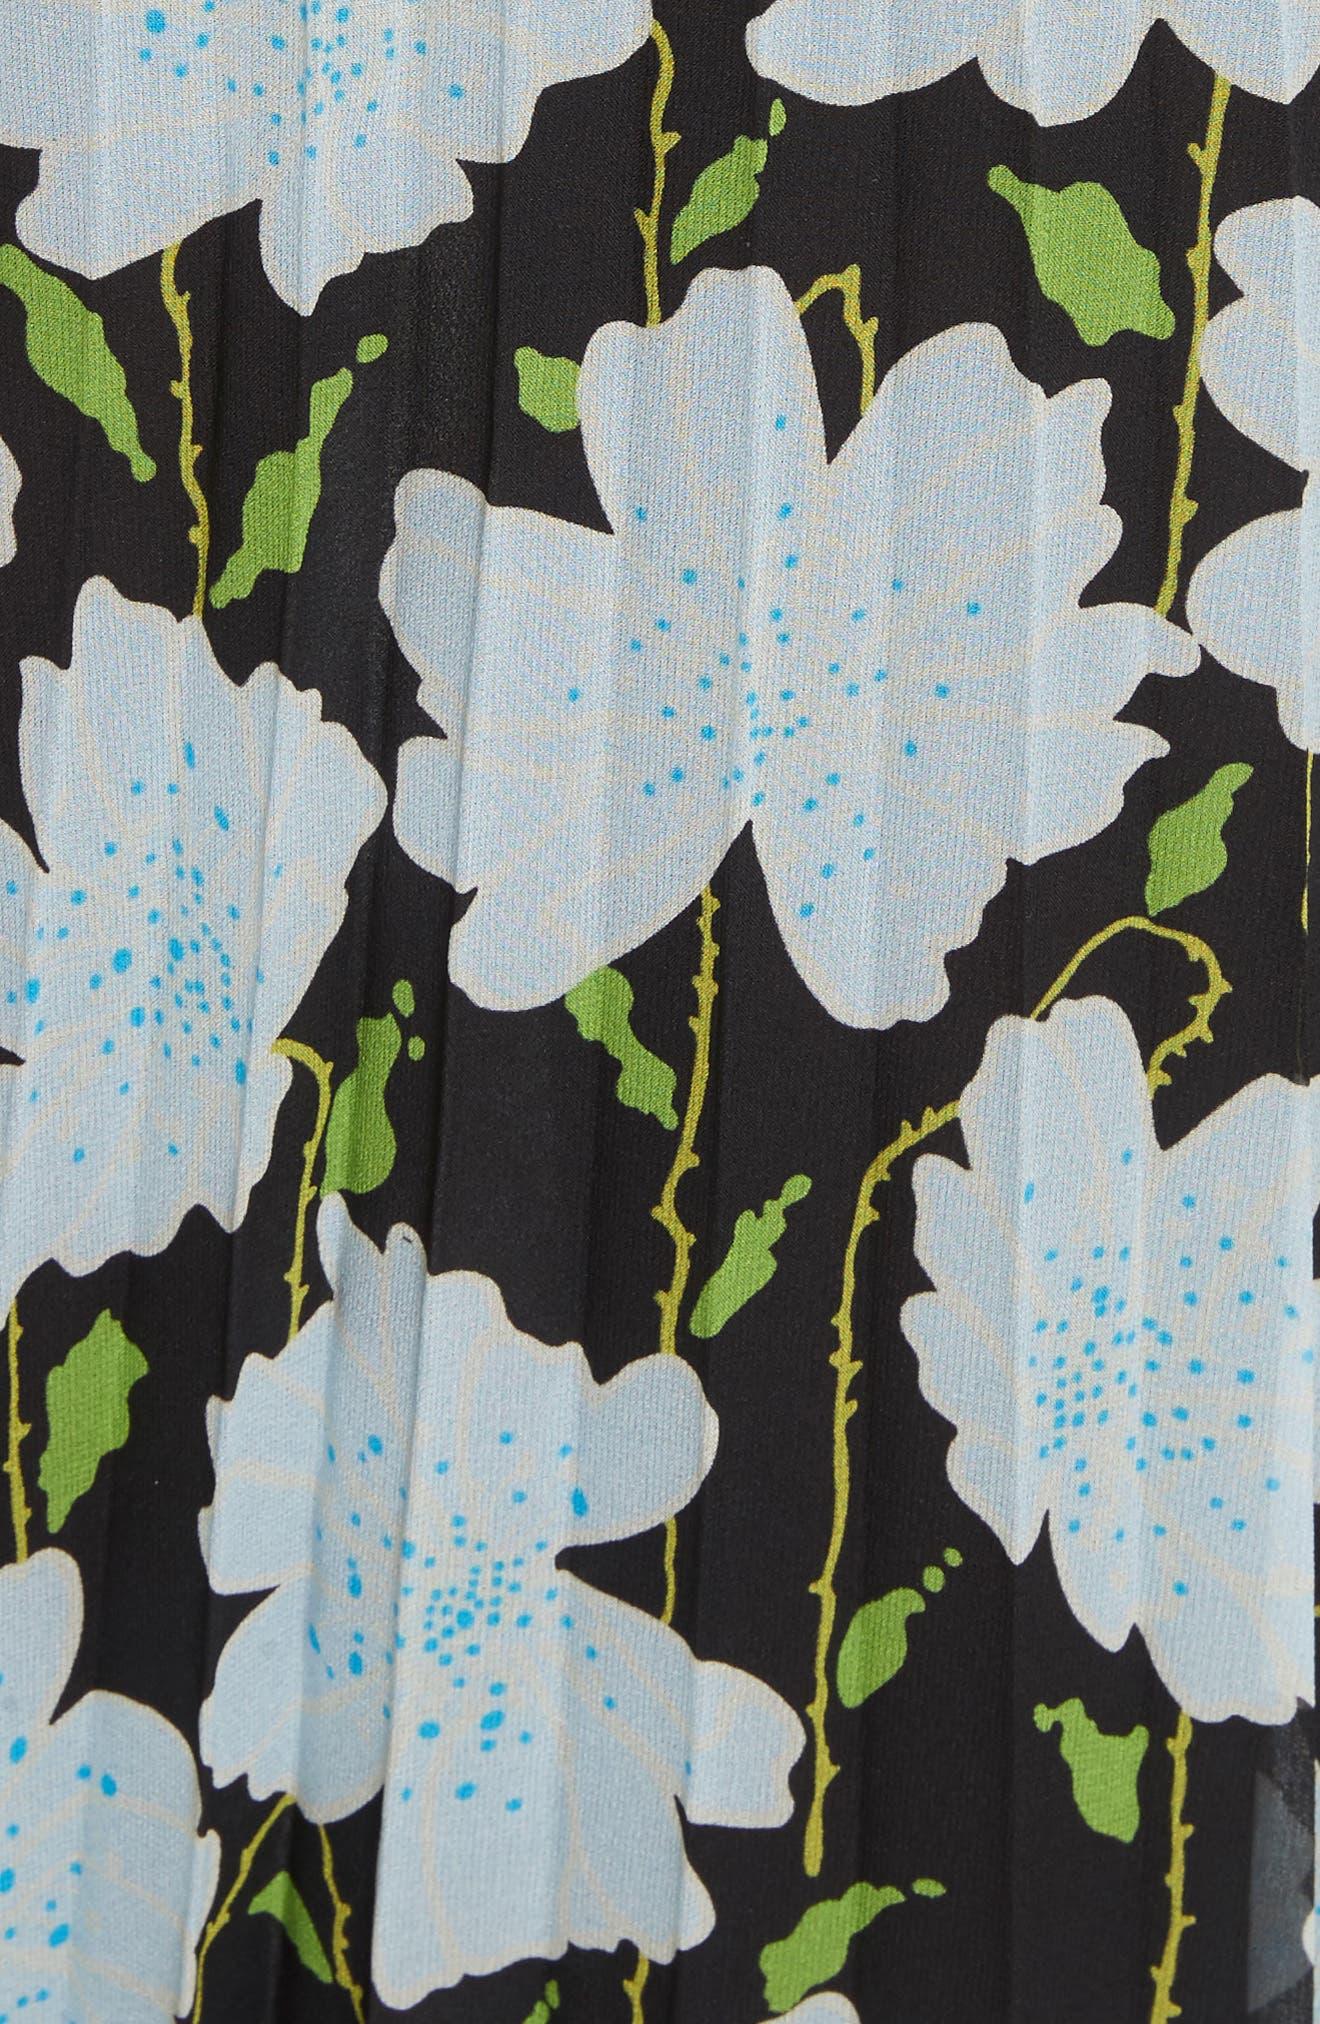 Floral Plissé Silk Skirt,                             Alternate thumbnail 5, color,                             All Over/ No Color